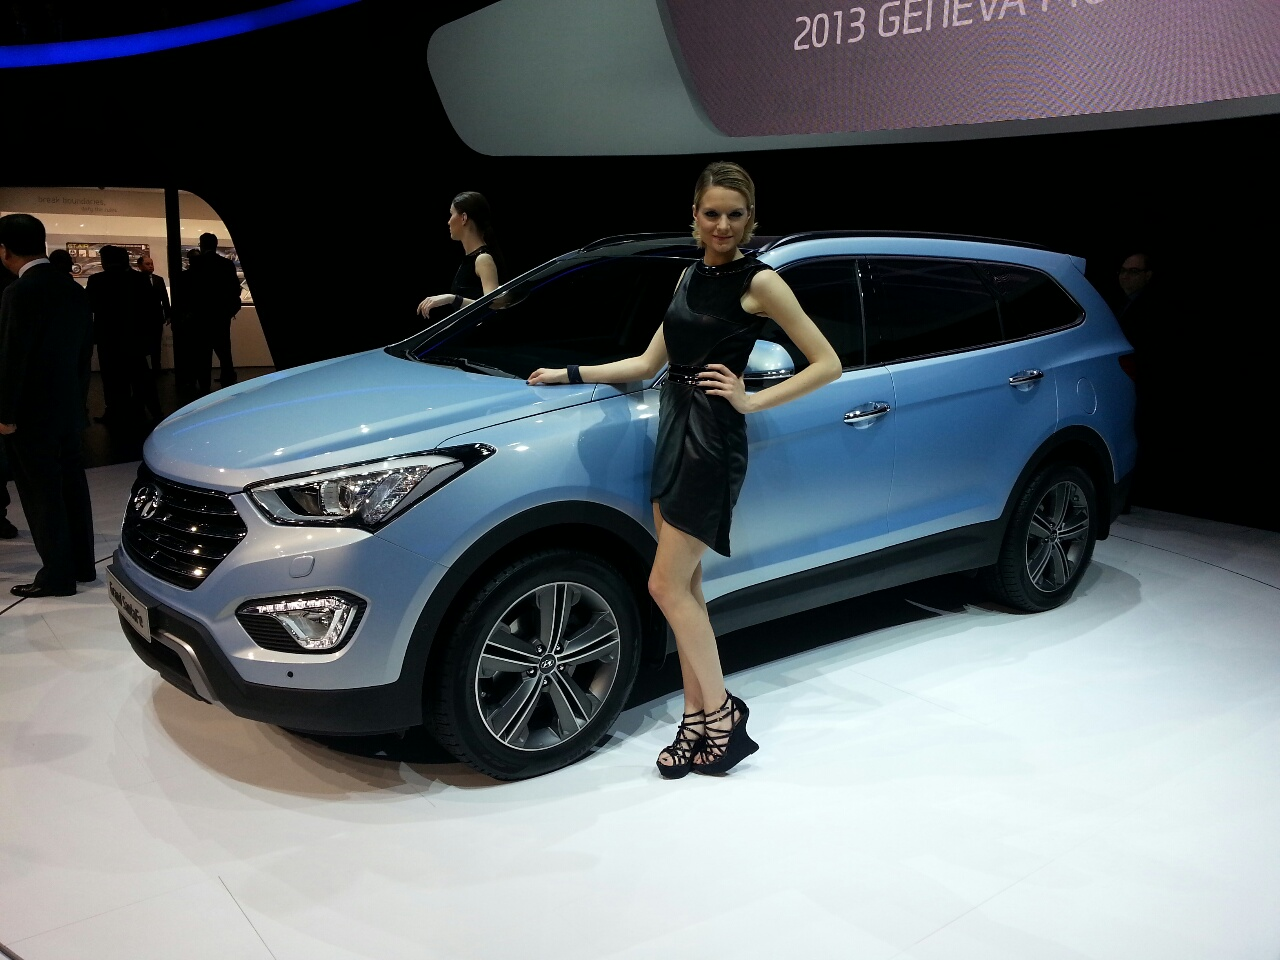 2013 Hyundai Grand Santa Fe side